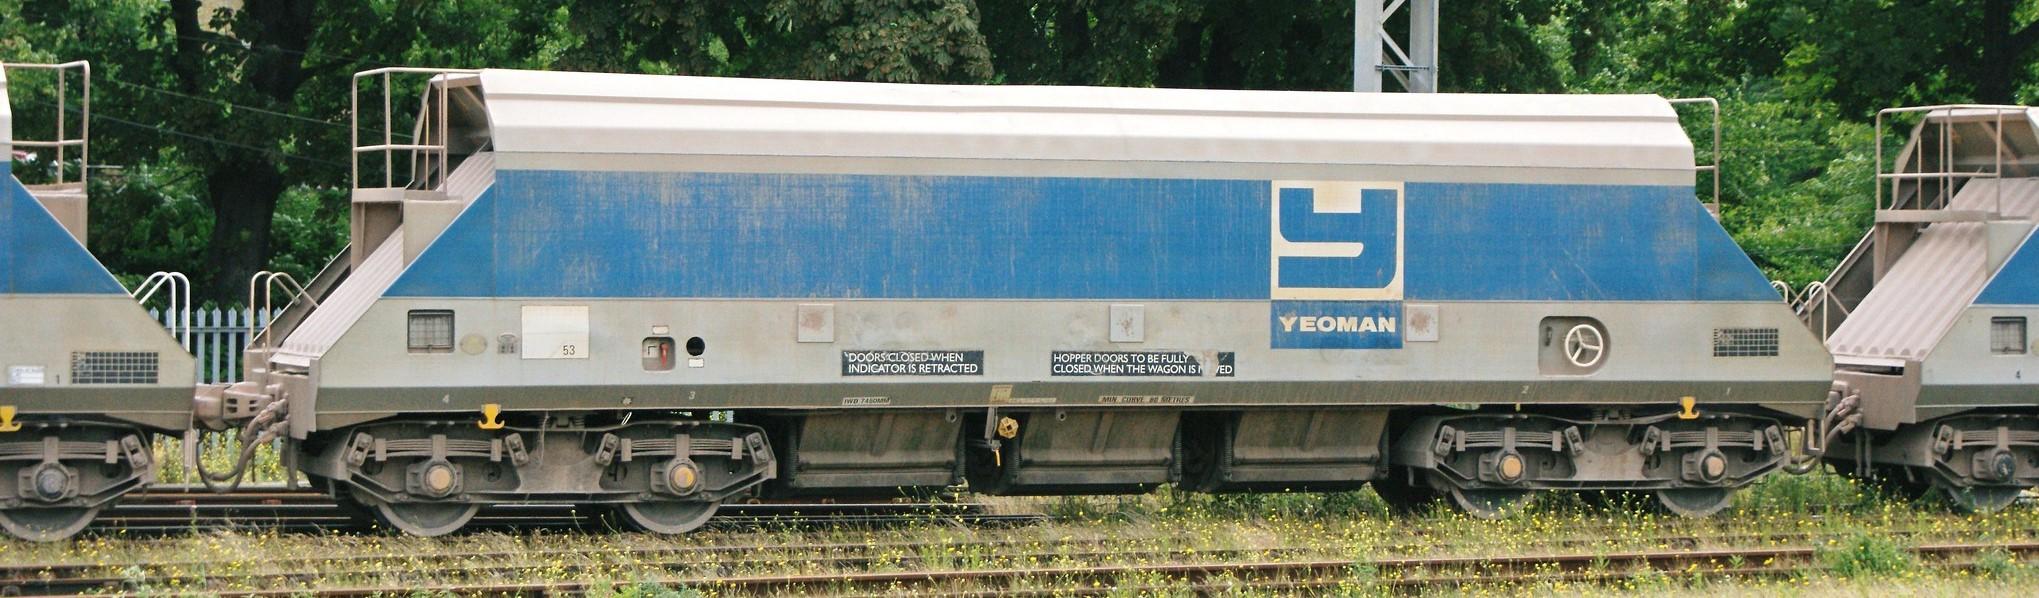 JHA OK19353 at Watford Junction in June 2008. ©Hugh Llewelyn